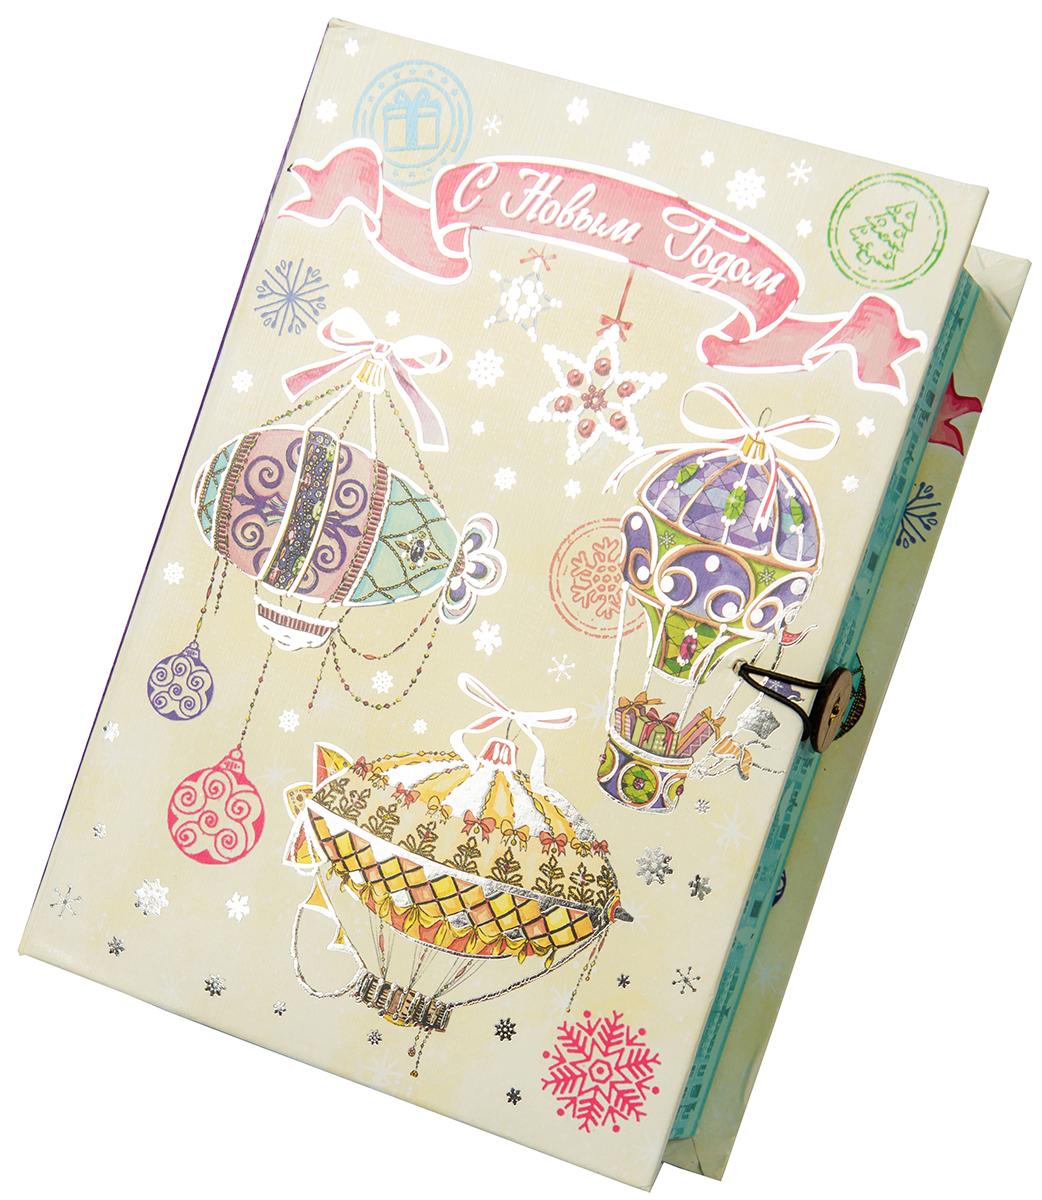 Коробка подарочная Magic Time Новогодние воздушные шары, размер M. 7502575025Подарочная коробка Magic Time, выполненная из мелованного, ламинированного картона, закрывается на пуговицу. Крышка оформлена декоративным рисунком.Подарочная коробка - это наилучшее решение, если вы хотите порадовать ваших близких и создать праздничное настроение, ведь подарок, преподнесенный в оригинальной упаковке, всегда будет самым эффектным и запоминающимся. Окружите близких людей вниманием и заботой, вручив презент в нарядном, праздничном оформлении.Плотность картона: 1100 г/м2.